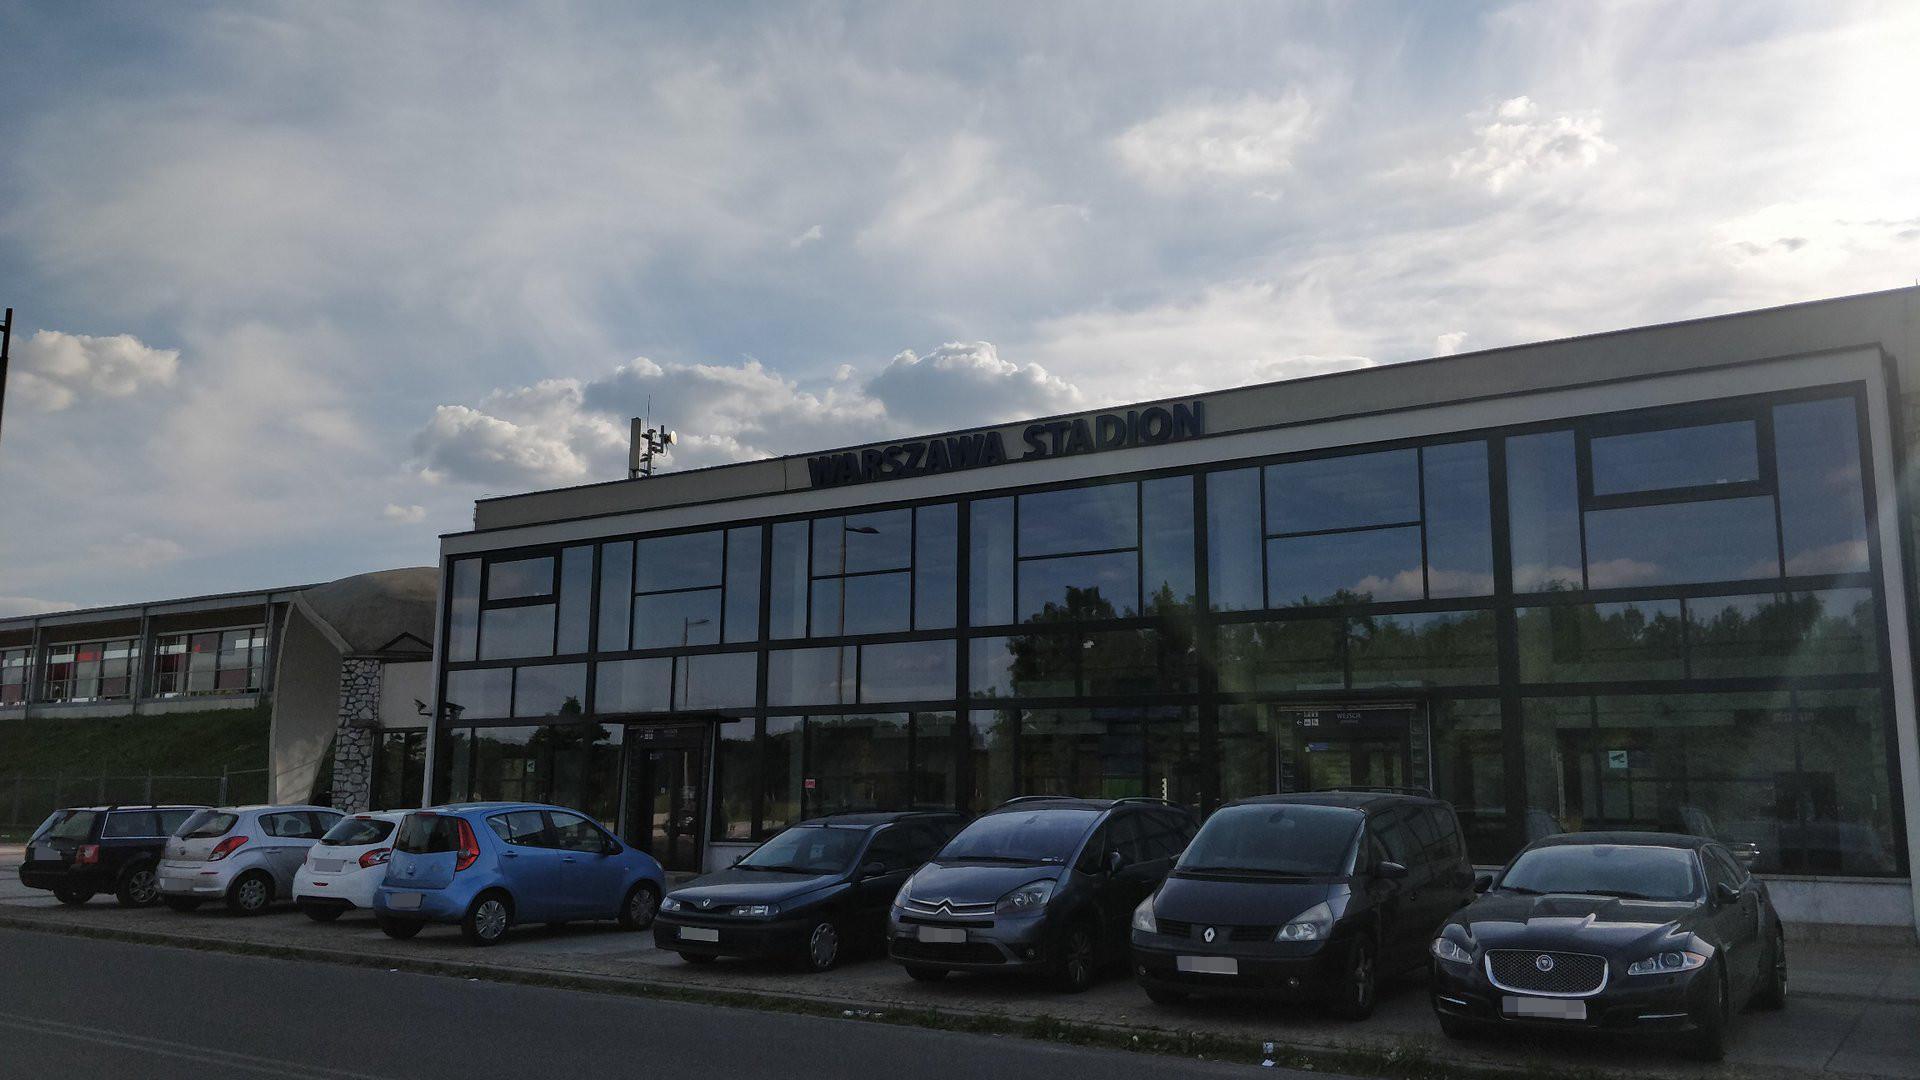 Warszawa Stadion (Warszawa Stadion)